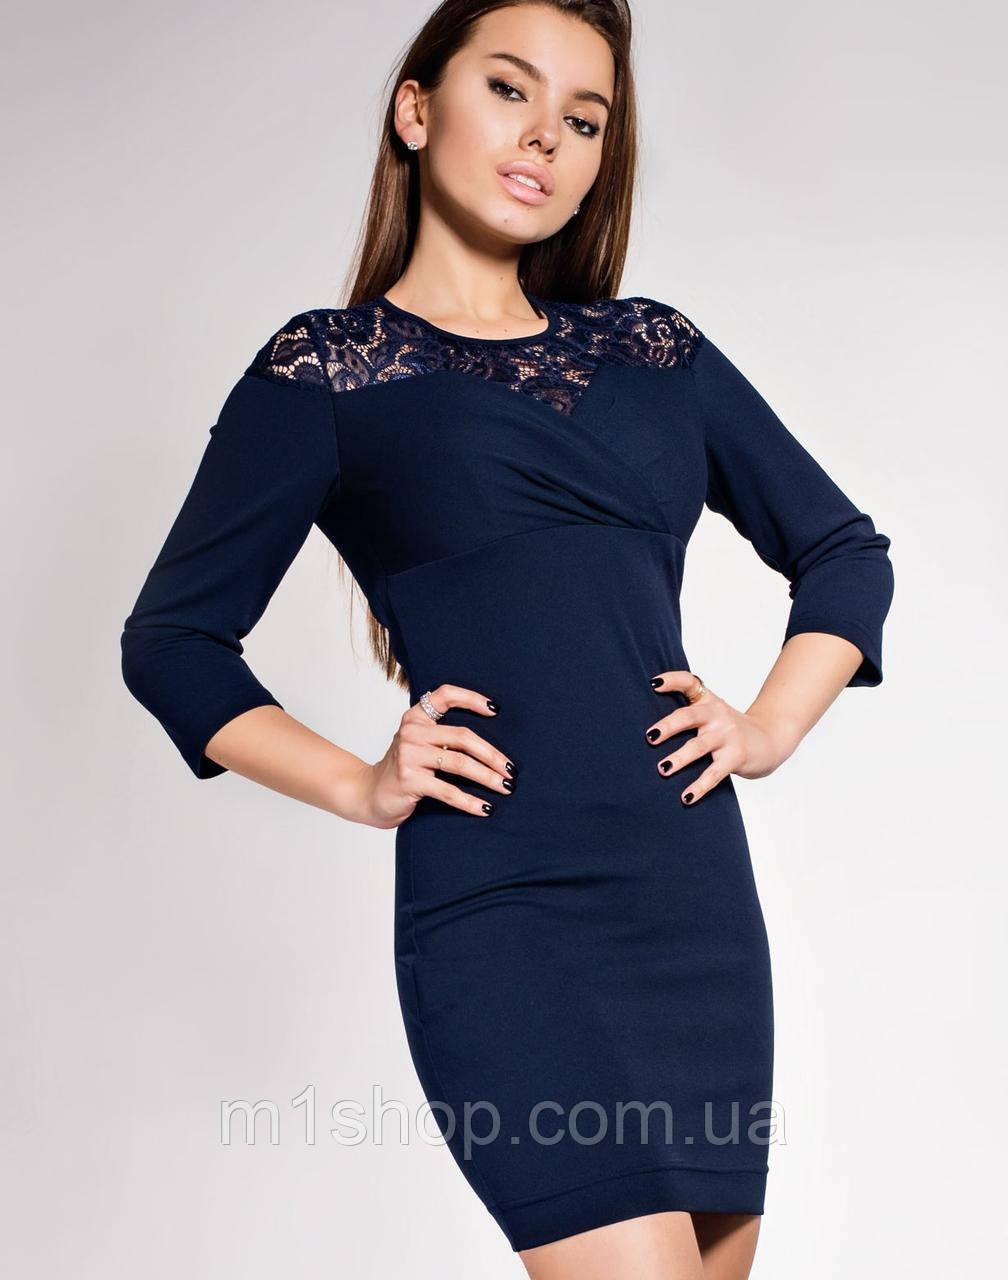 Женское платье-мини с гипюром (Картье jd)